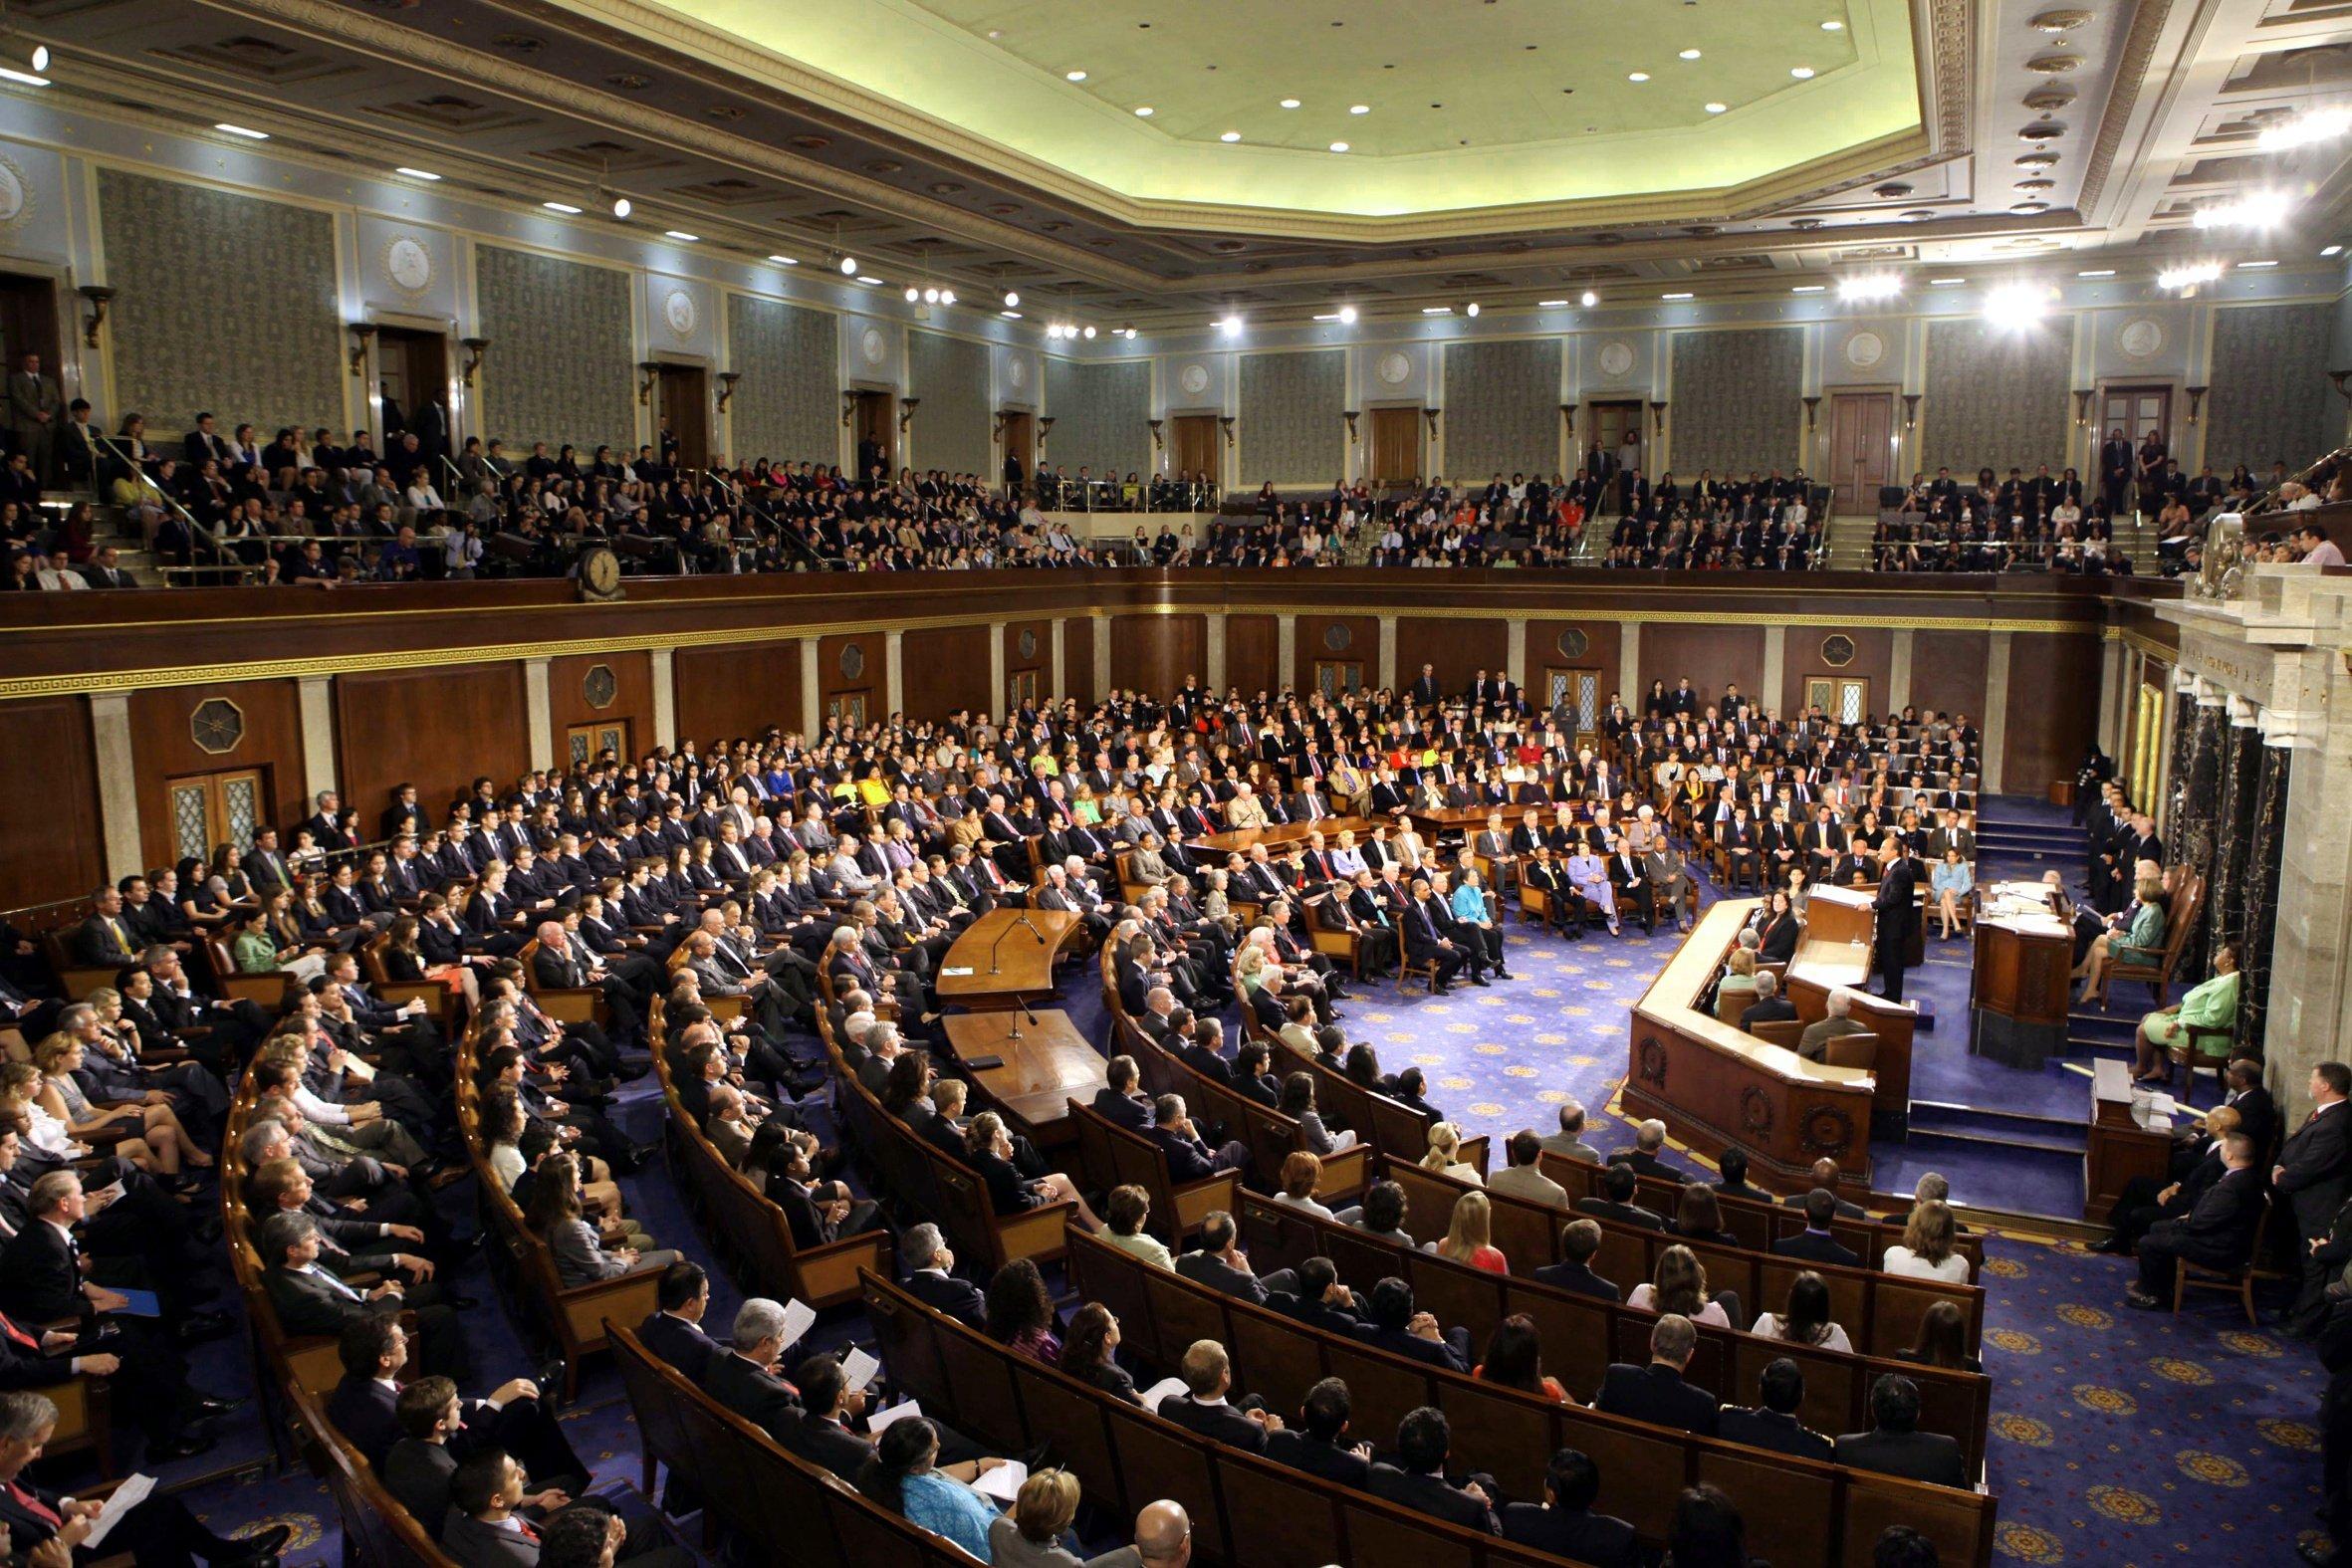 Senado estadounidense aprobó resolución contra el gobierno de Venezuela